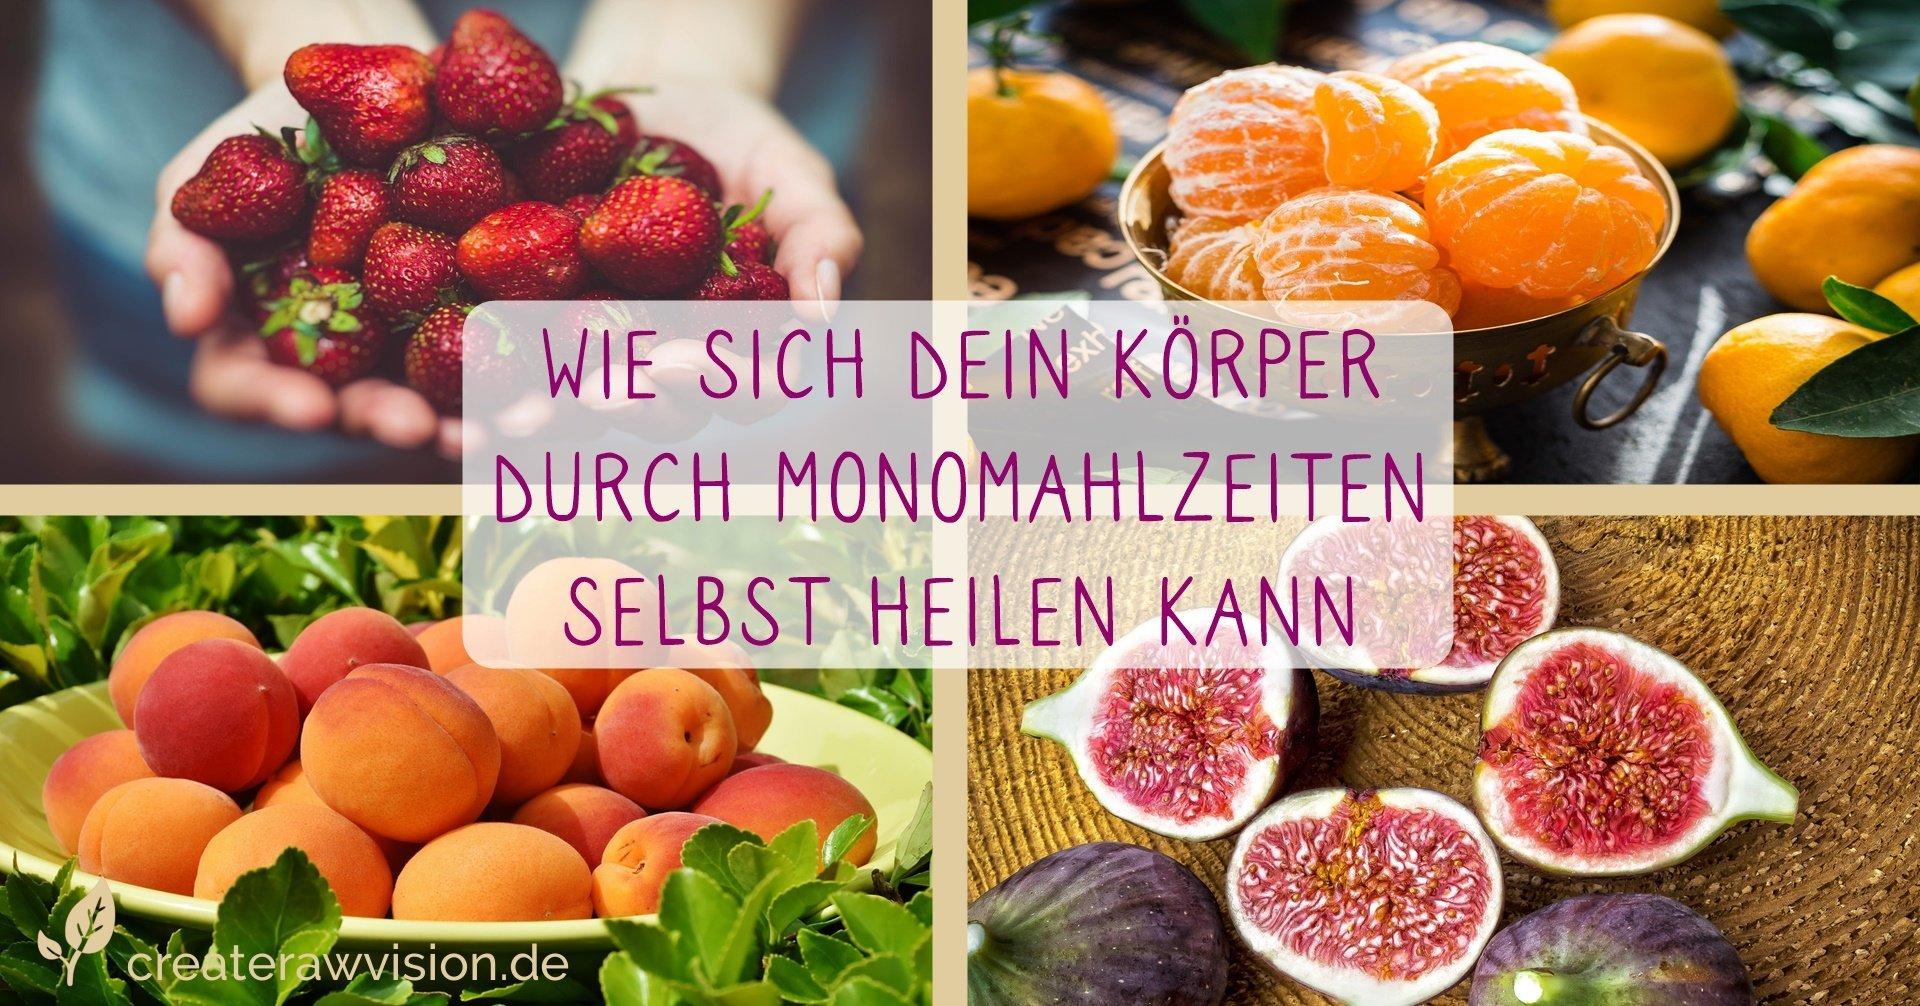 Erdbeeren, Aprikosen, Mandarinen und Feigen für Monomahlzeiten